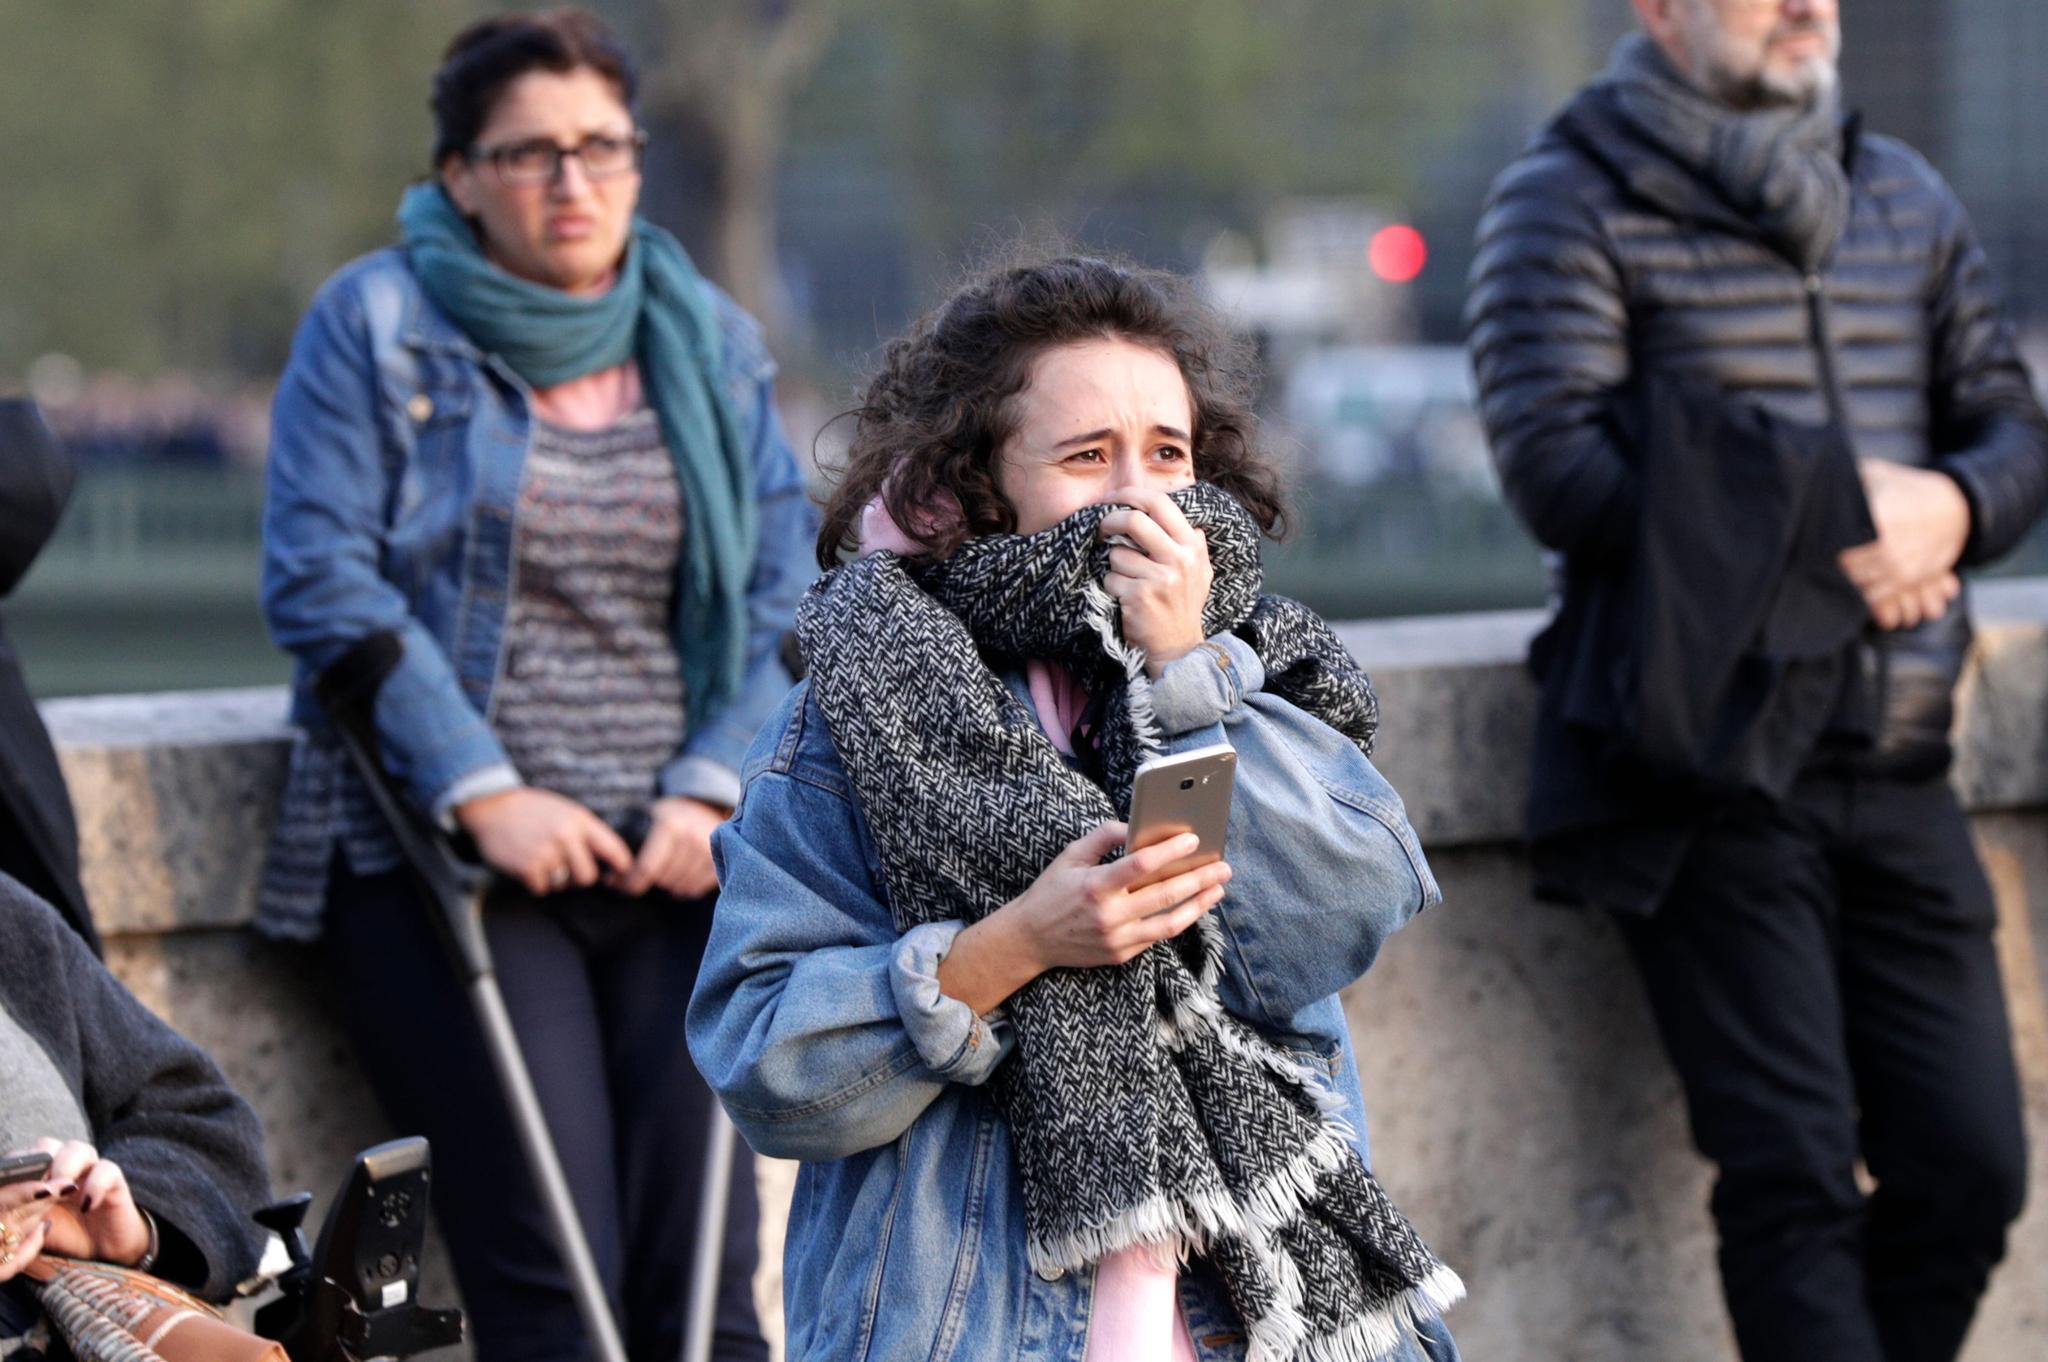 15일(현지시간) 파리 시민들이 대성당의 화재를 바라보며 안타까워 하고 있다. 이날 화재를 바라보며 눈물을 흘리는 시민들의 모습도 발견됐다. [AFP=연합뉴스]